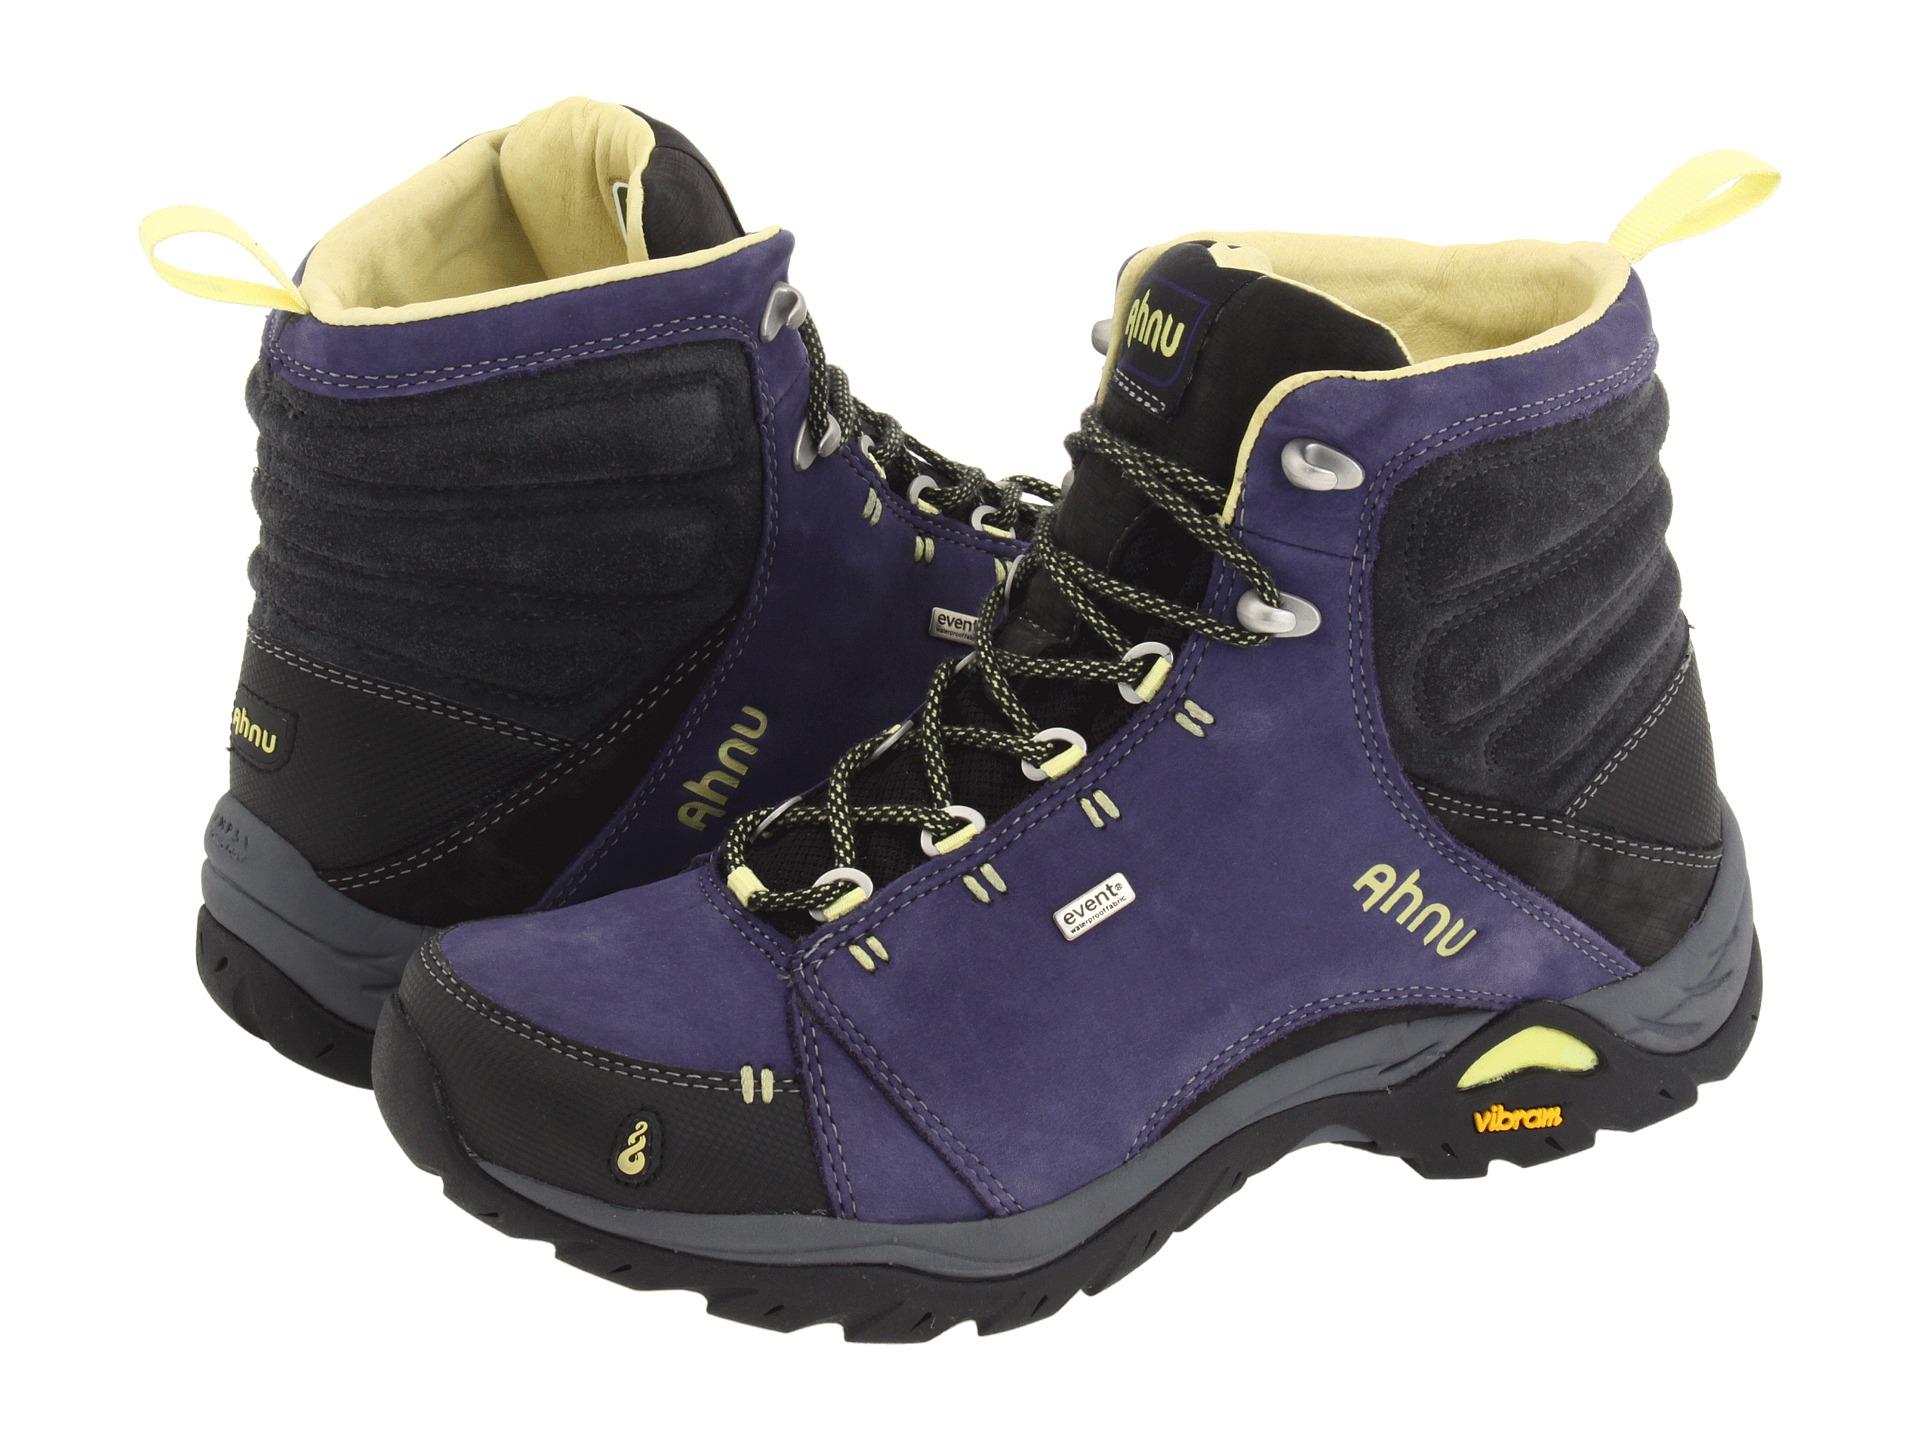 ahnu montara boot zappos free shipping both ways